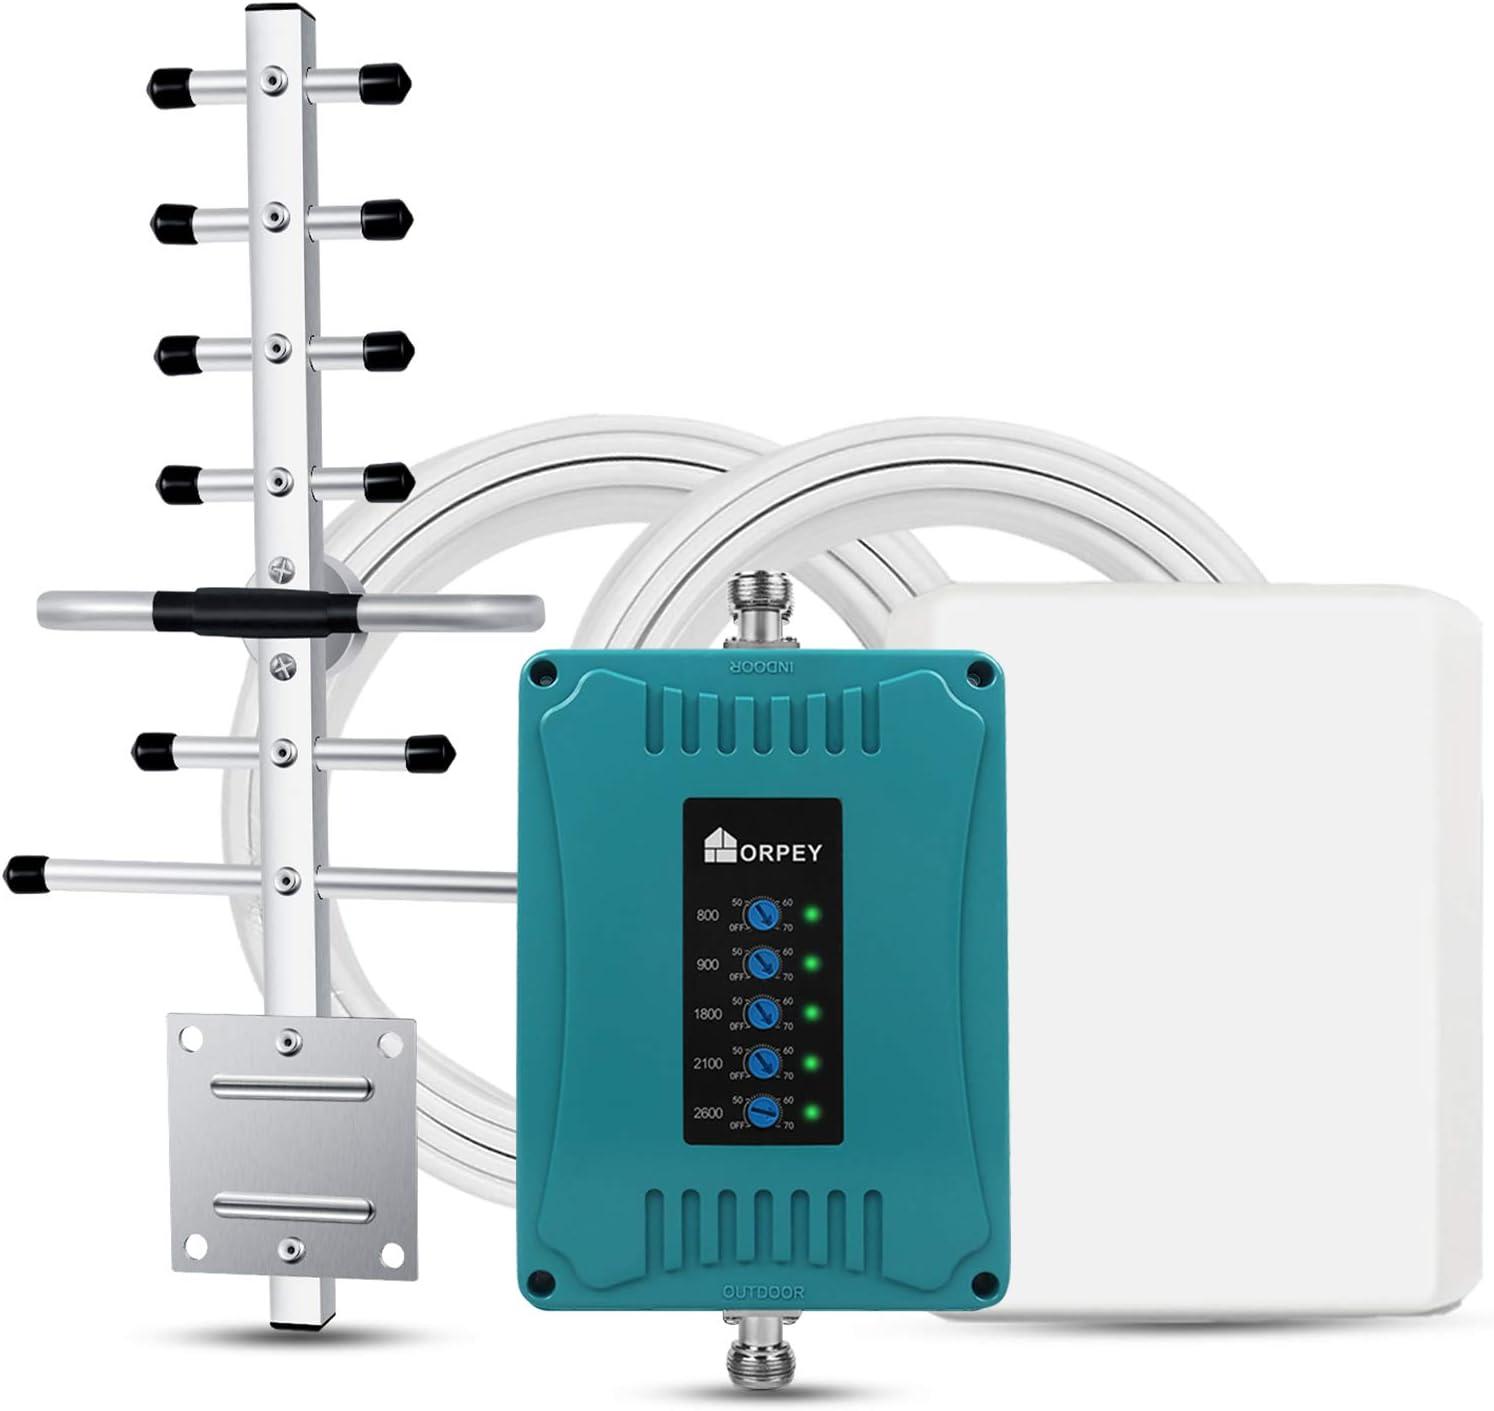 ORPEY Amplificador Señal Móvil 5-Banda 800/900/1800/2100/2600MHz Repetidor 2G 3G 4G para Obtengar Llamadas, Señal 3G y 4G en Su Casa y Oficina